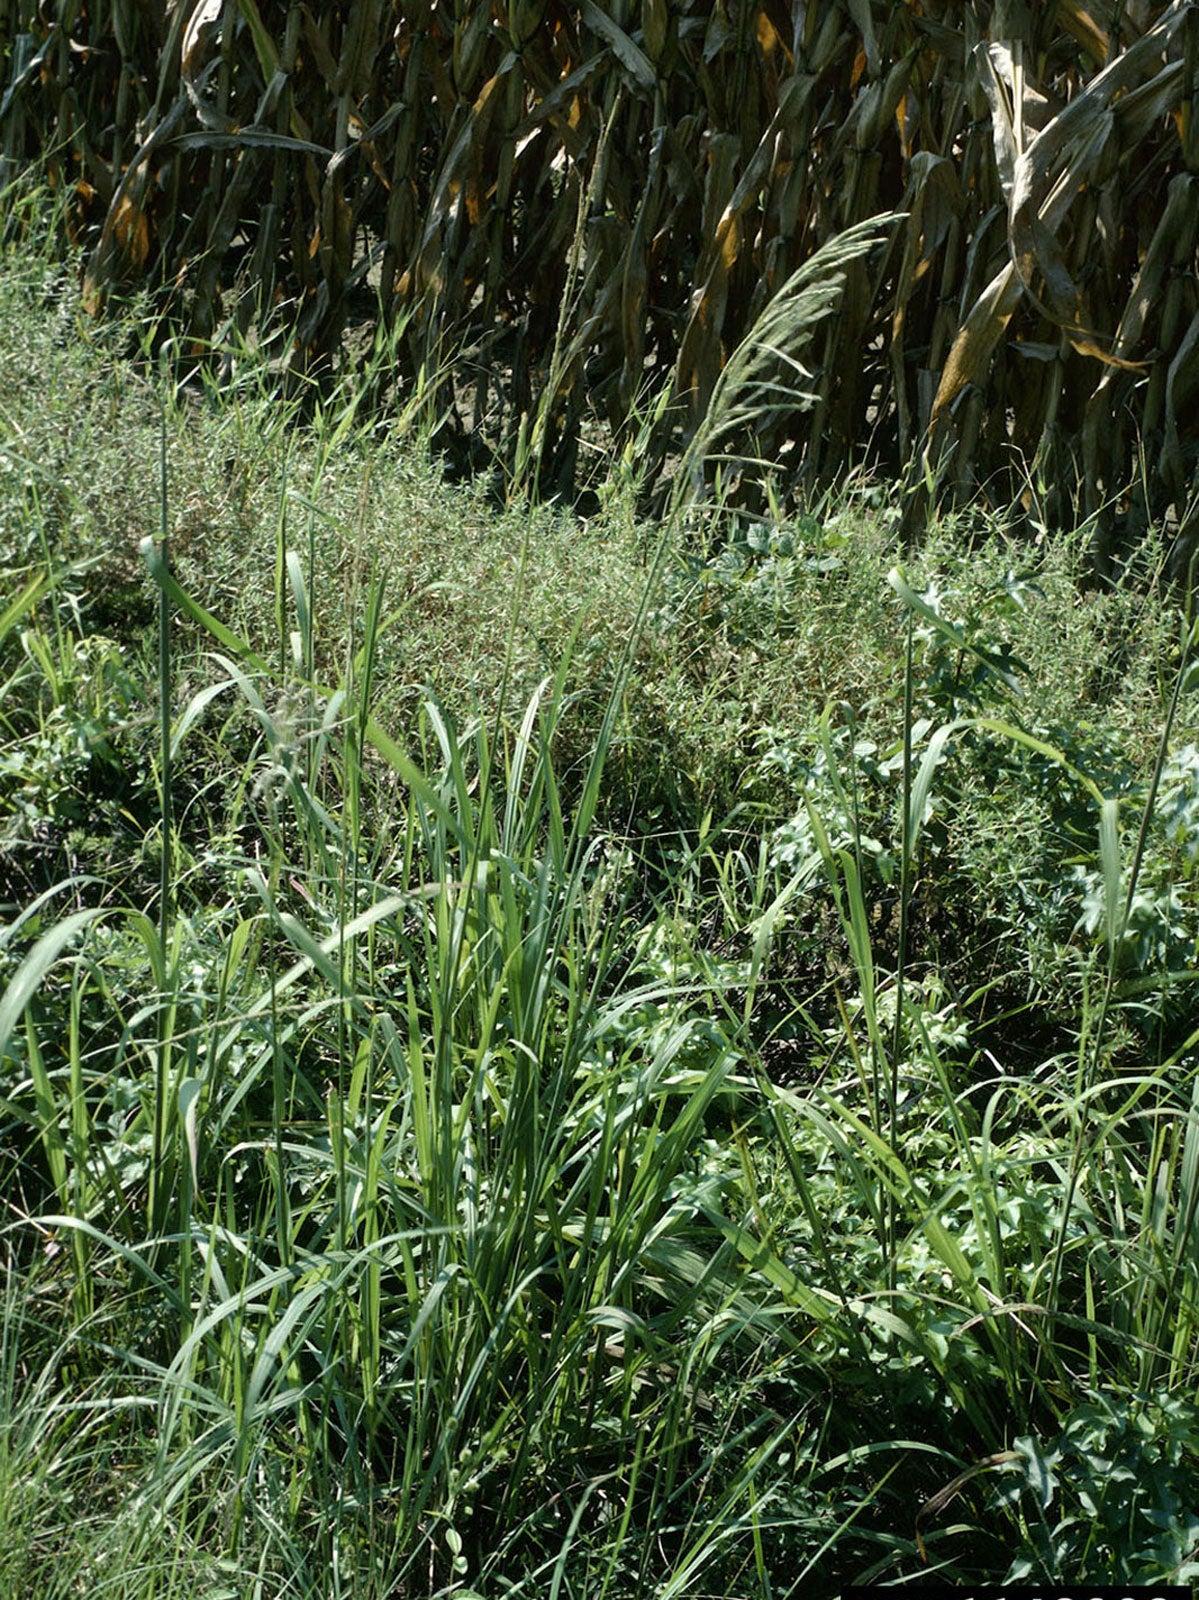 Bahia Grass Preventer Tips To Prevent And Kill Bahia Grass